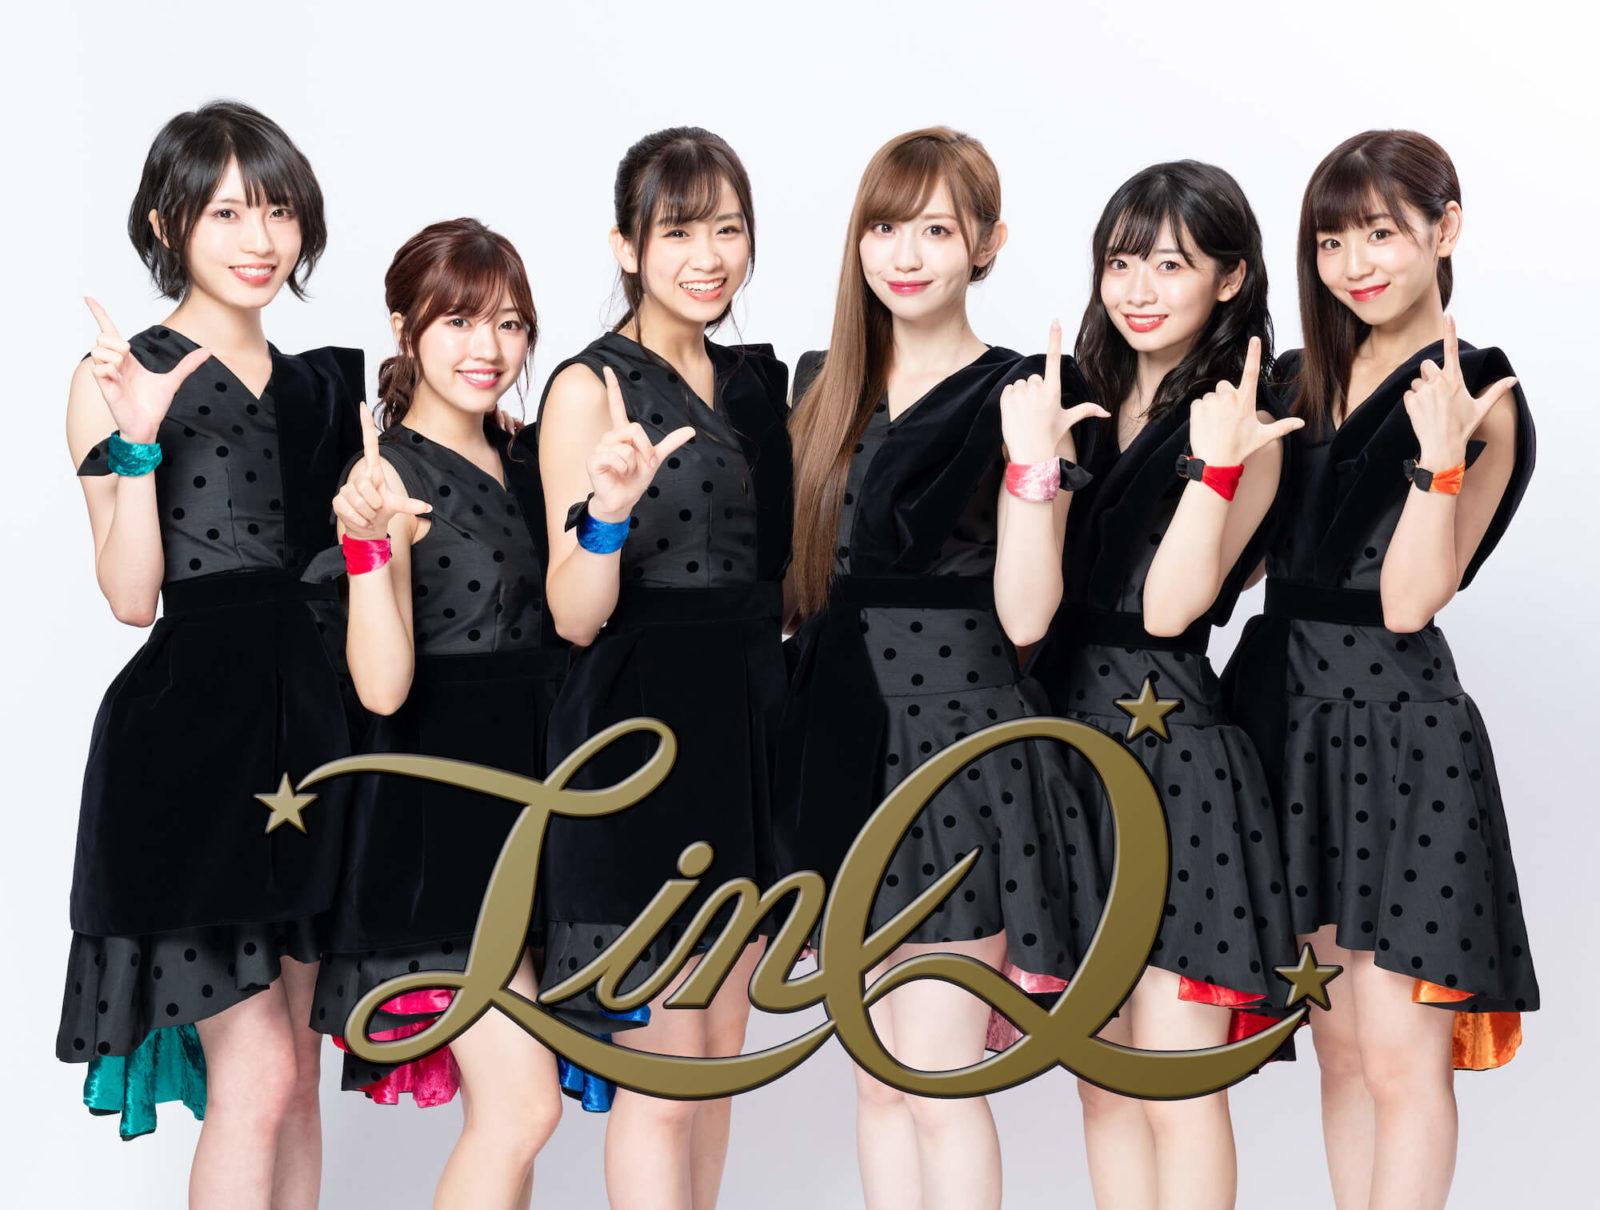 LinQ、来年5月Zepp Fukuokaにて9周年記念ライブ開催「成長した進化したLinQが見せられるように頑張ります!」【インタビュー後編】サムネイル画像!